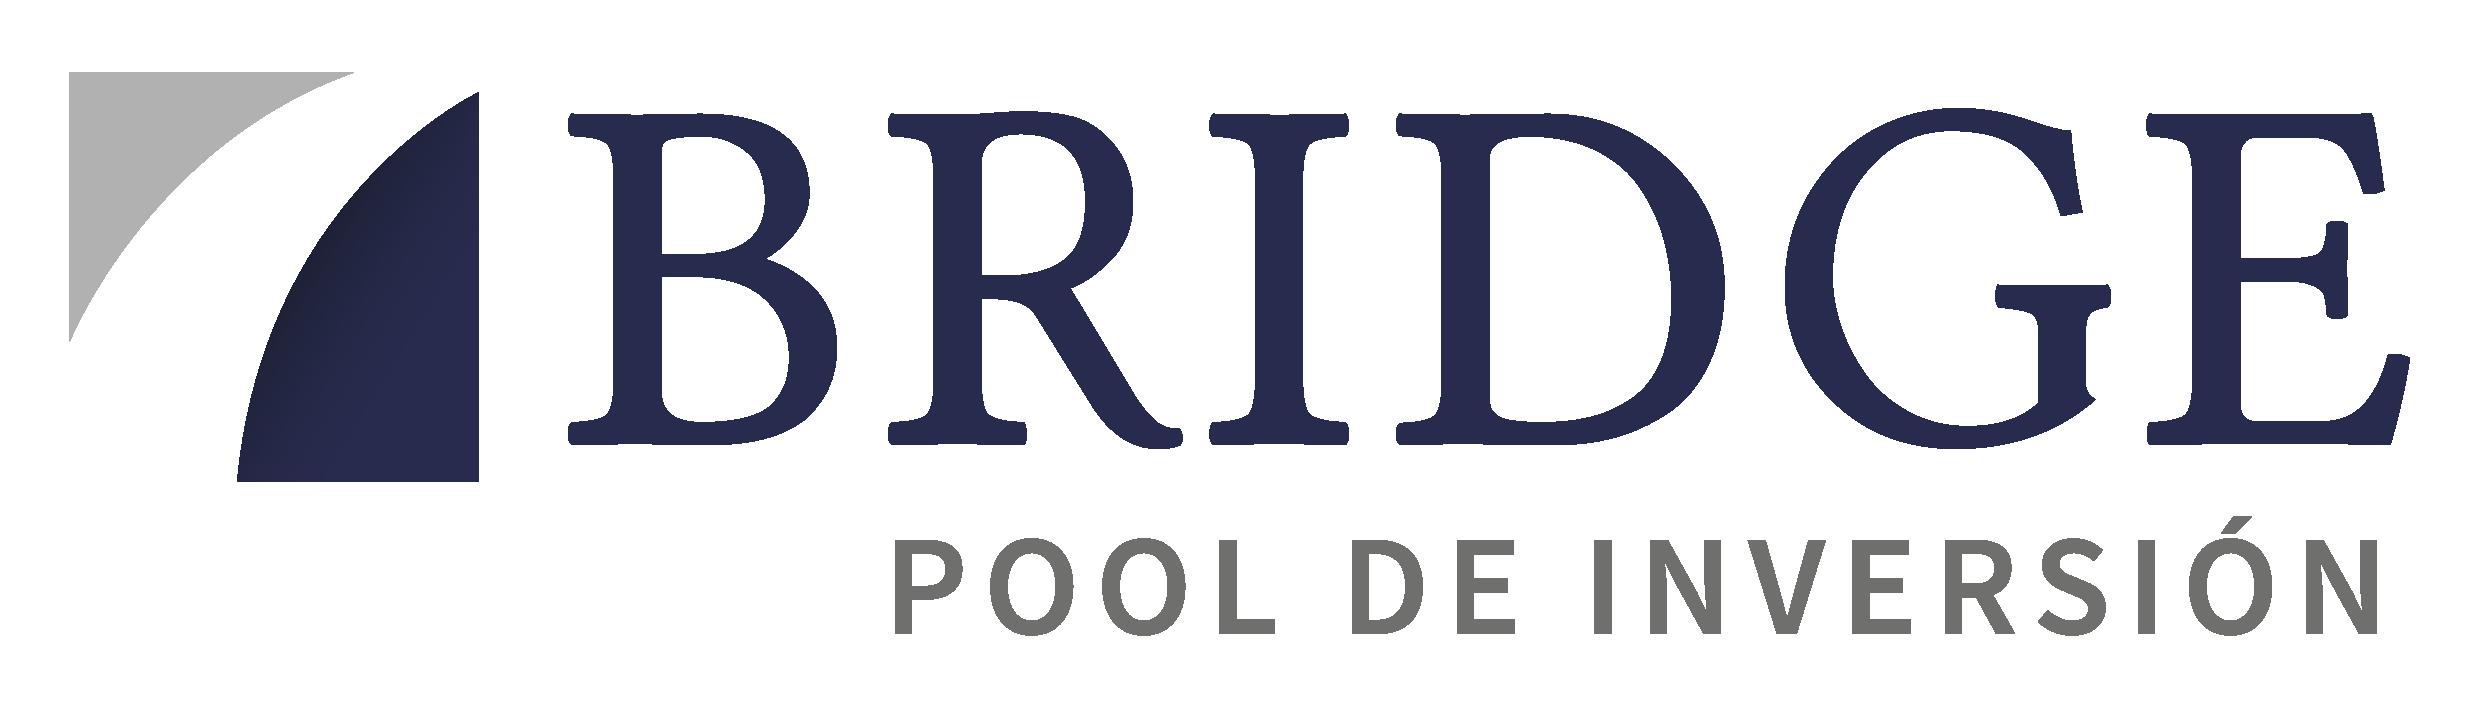 Logo Bridge Pool de inversión